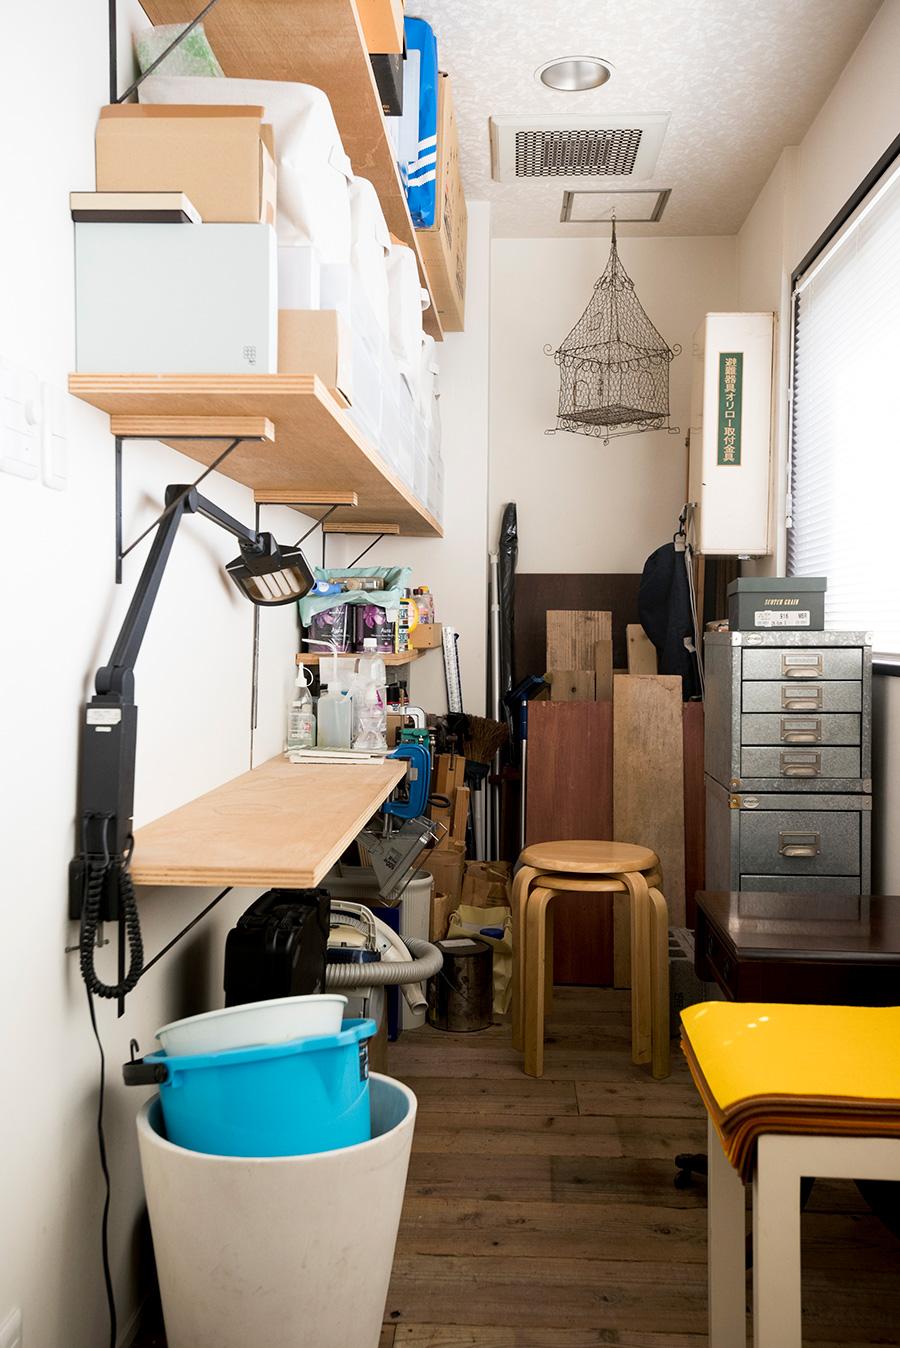 窓側の小スペースは作業部屋に。DIYで棚を取り付け、工具や材料を収めている。